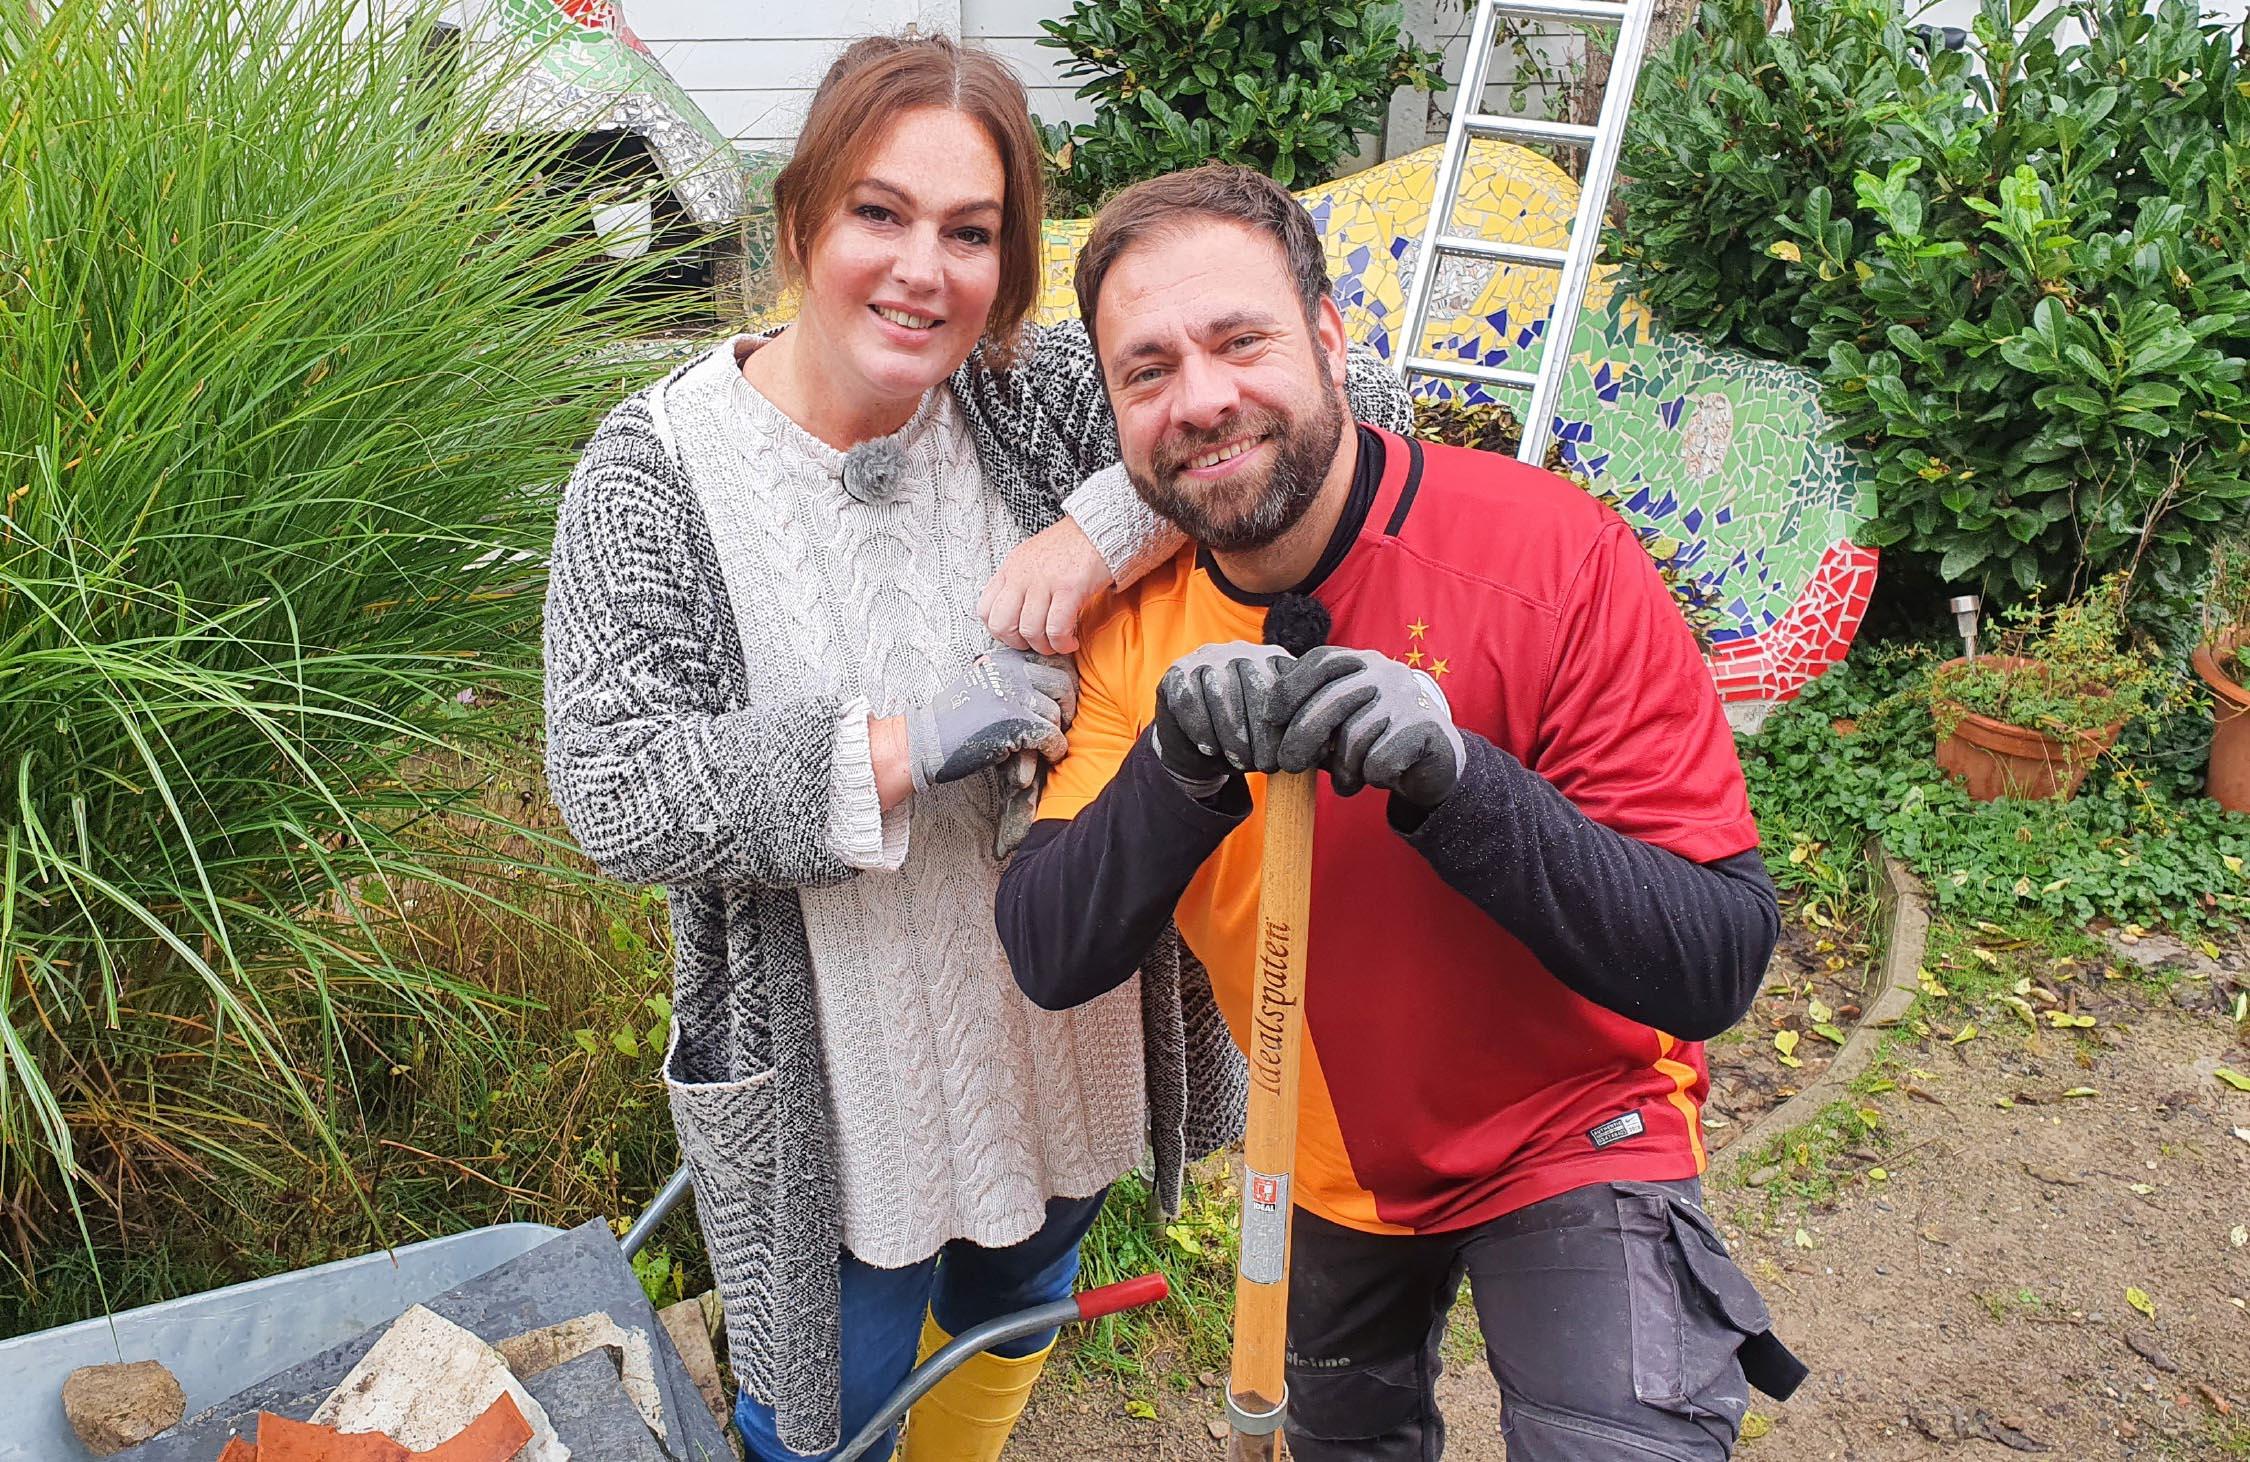 Maren und Claus - Ab ins Beet! Die Garten-Soap